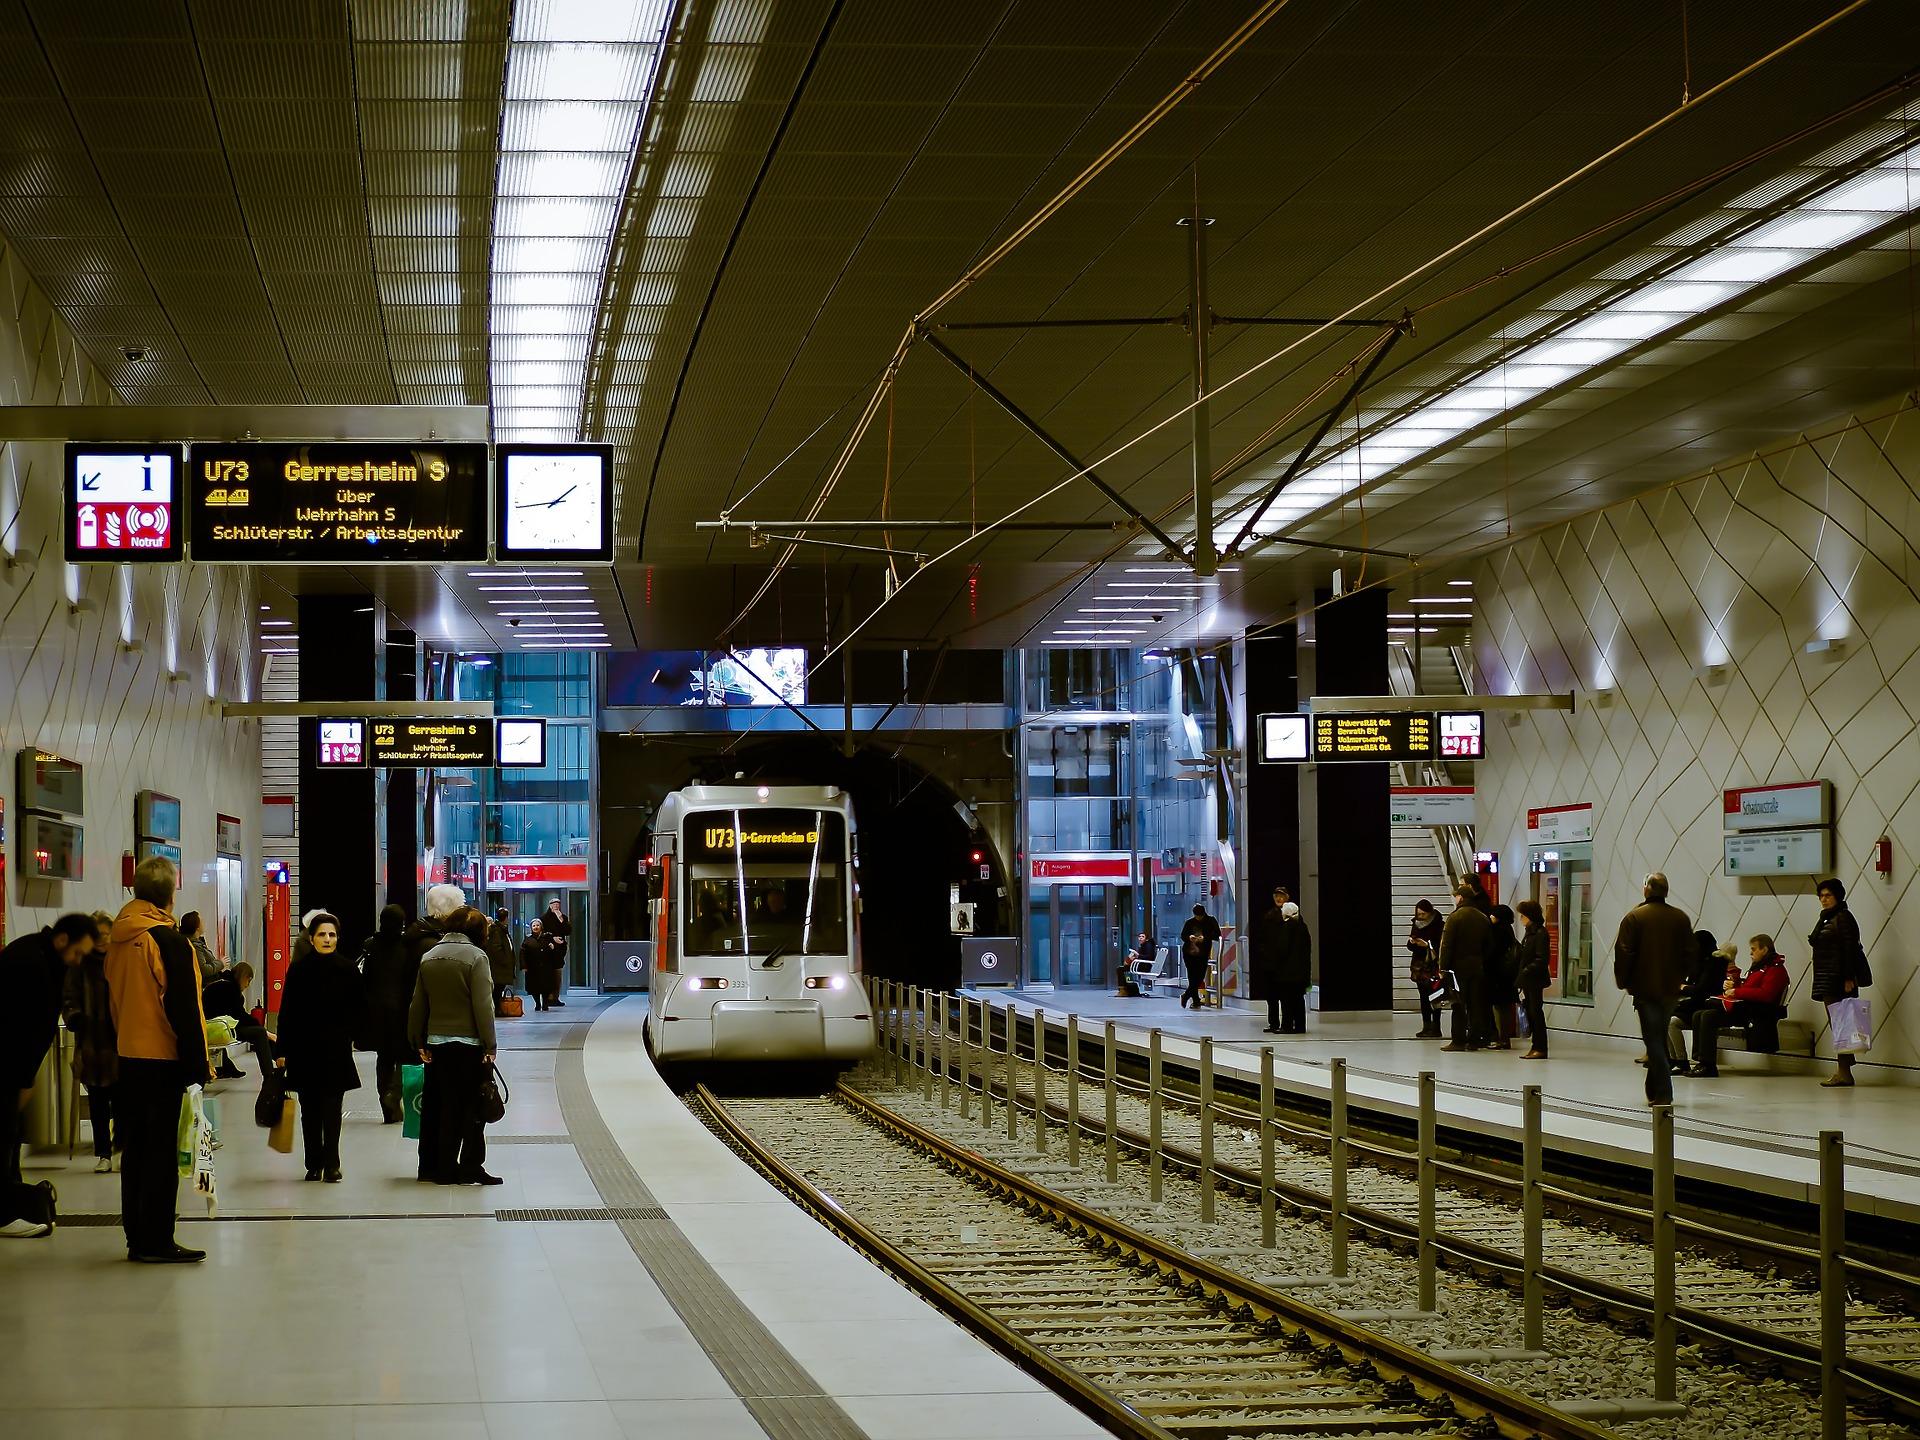 U-Bahnhof Schadowstraße in Düsseldorf